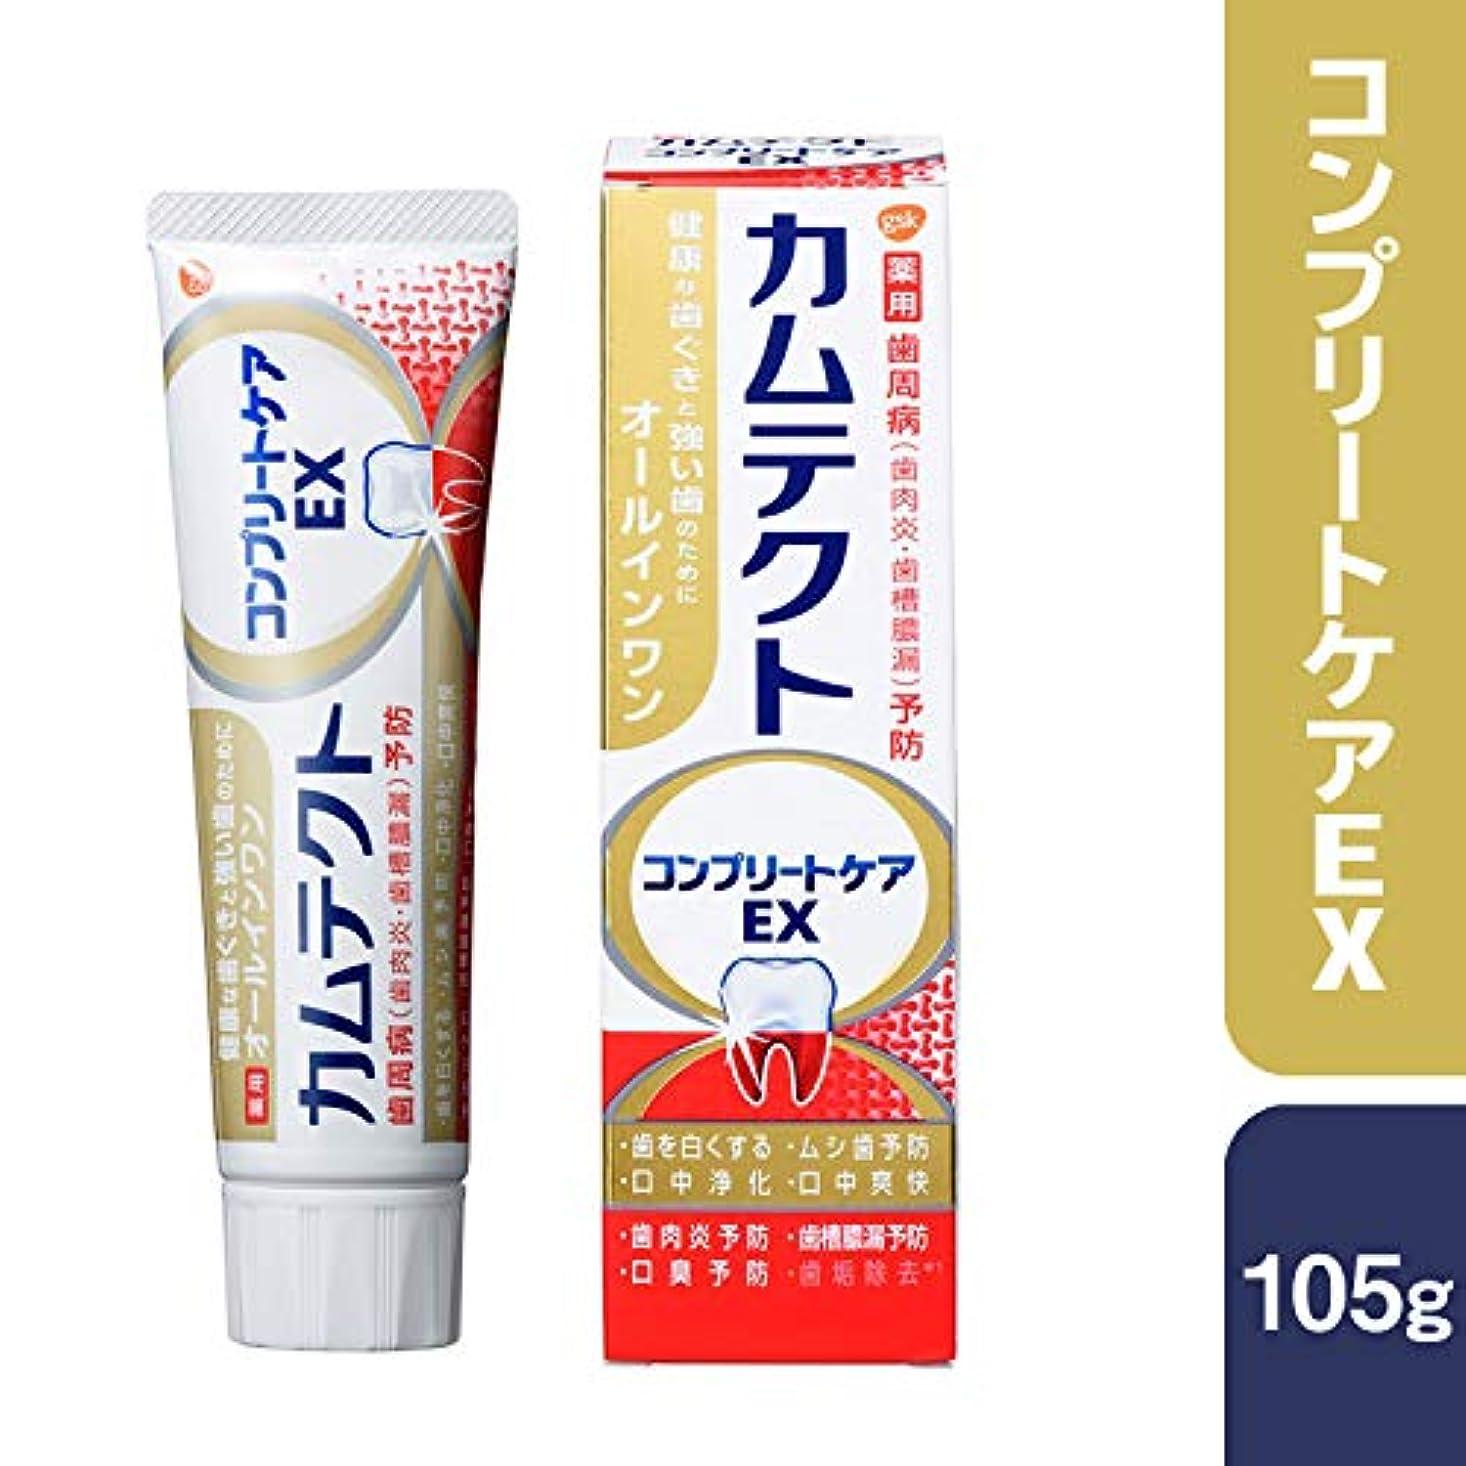 活力貧しいに勝るカムテクト コンプリートケアEX 歯周病(歯肉炎?歯槽膿漏) 予防 歯磨き粉 105g